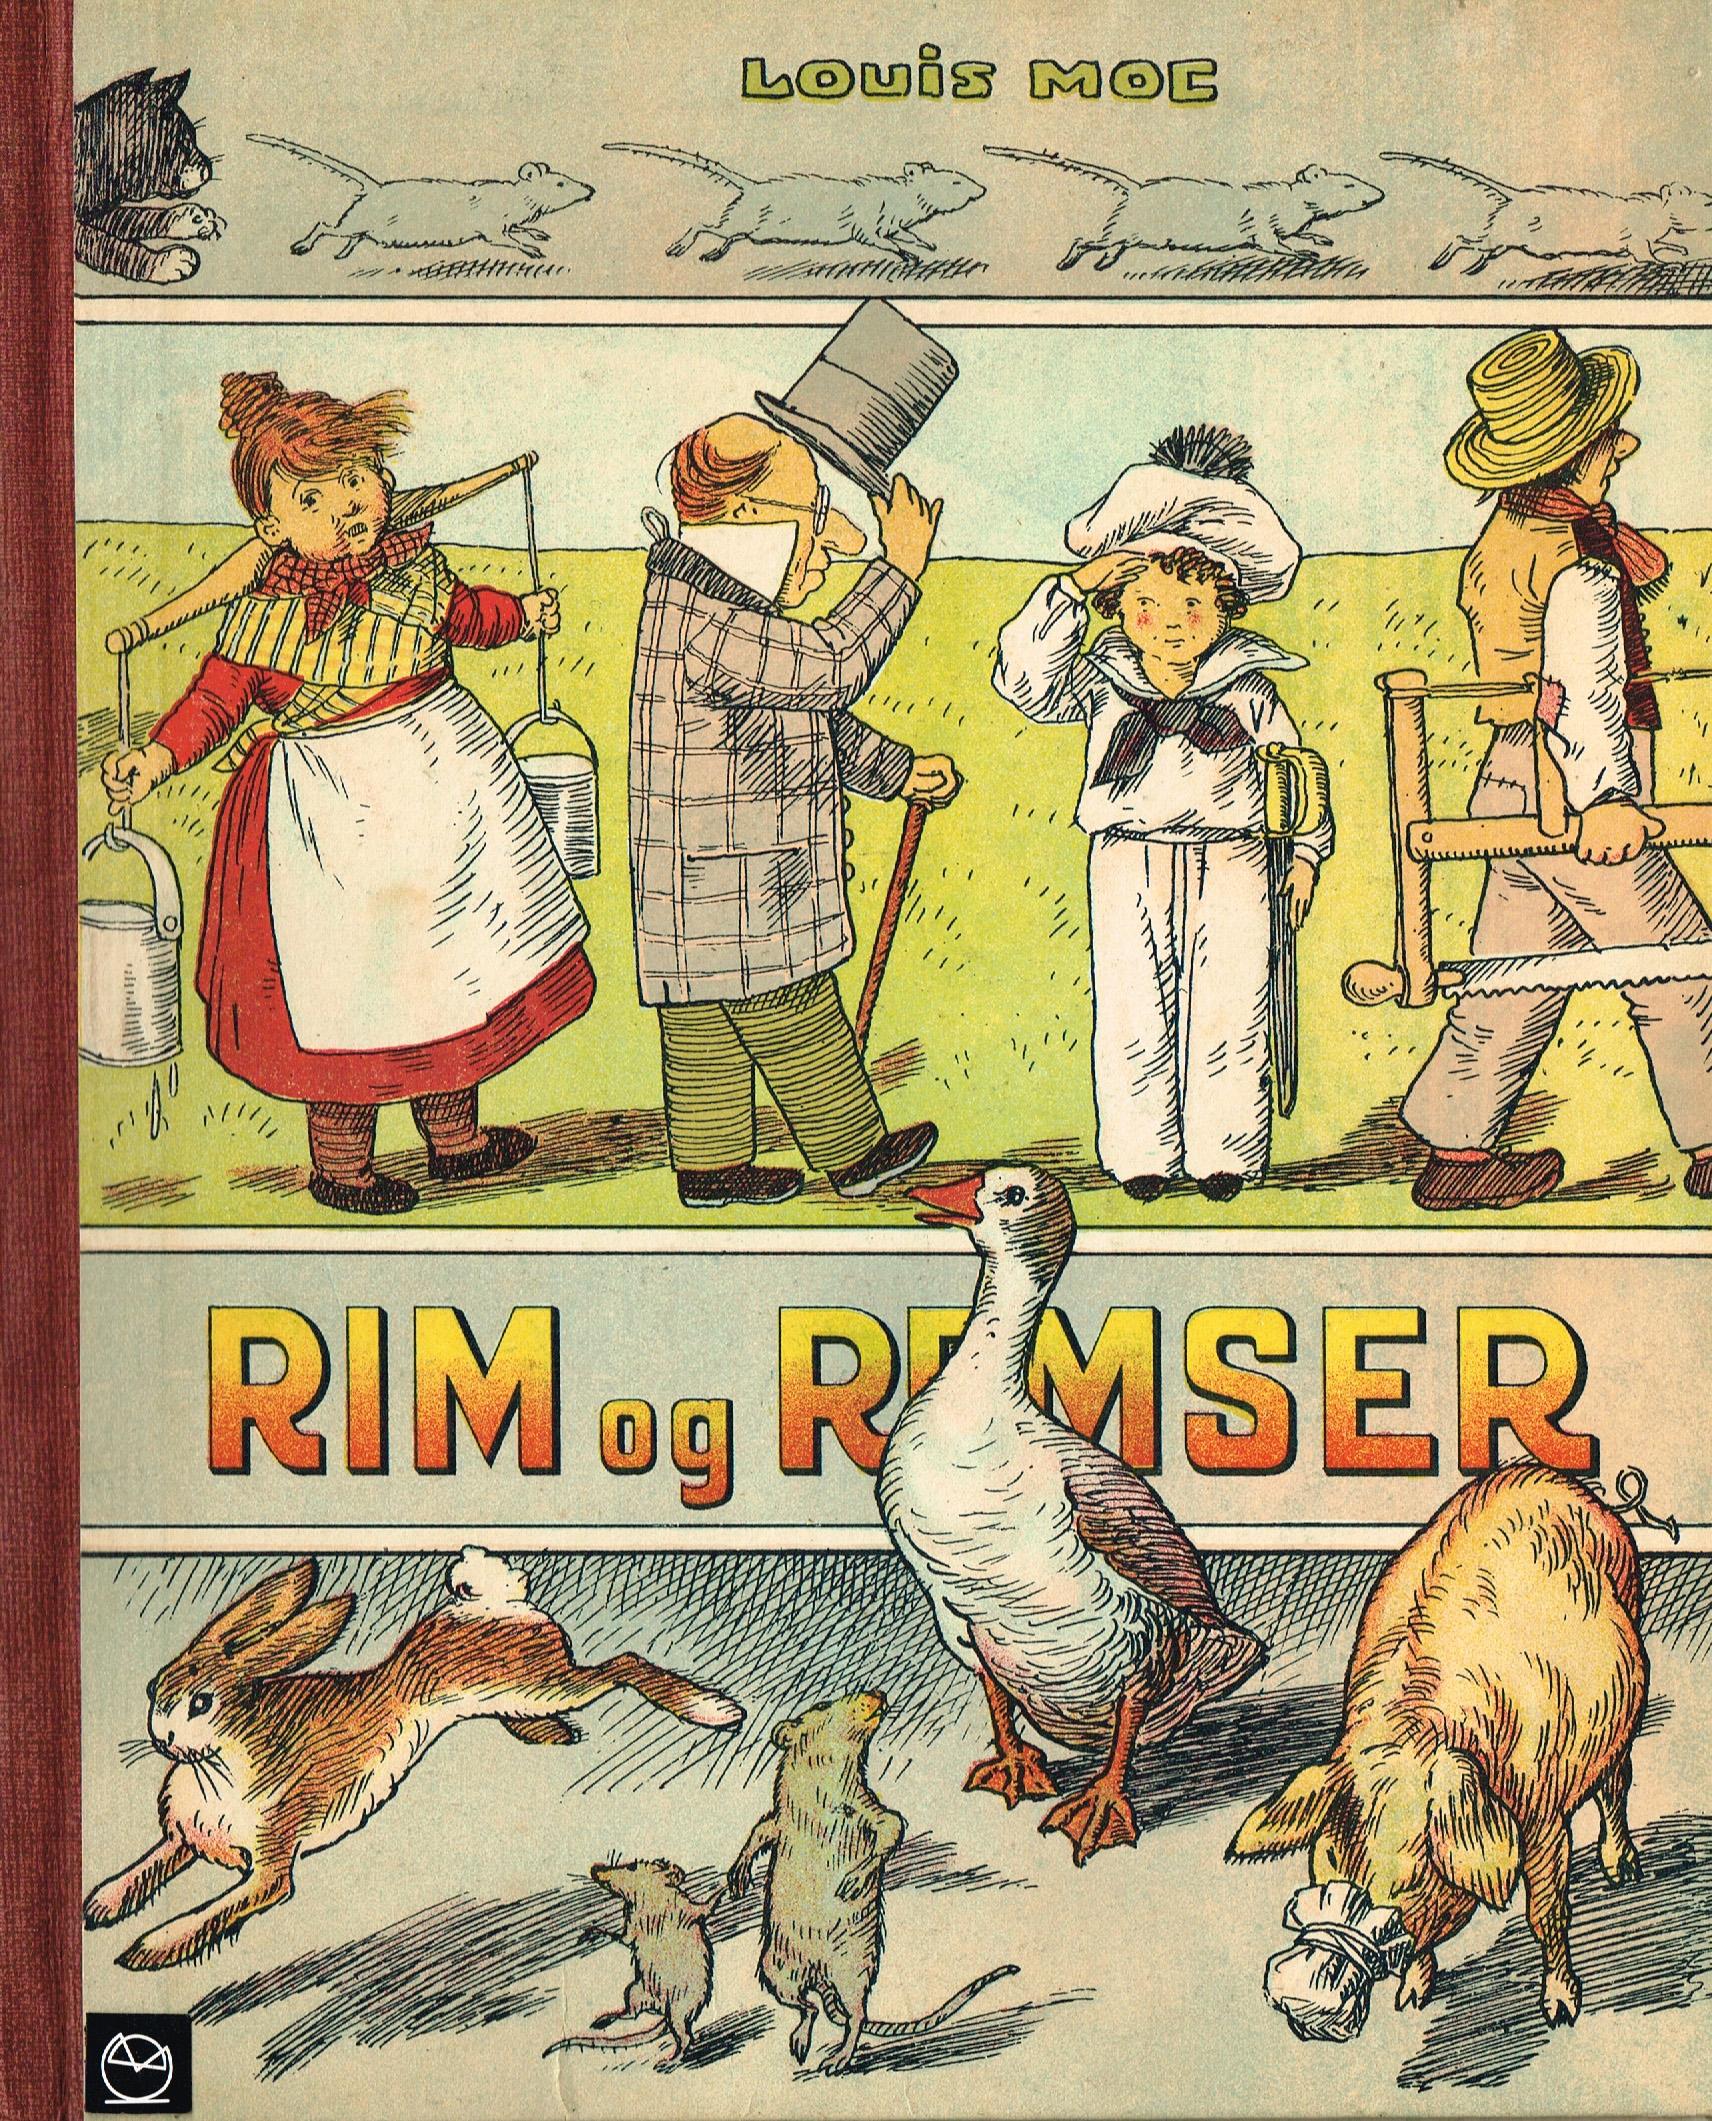 Louis Moe billedbog Rim og Remser